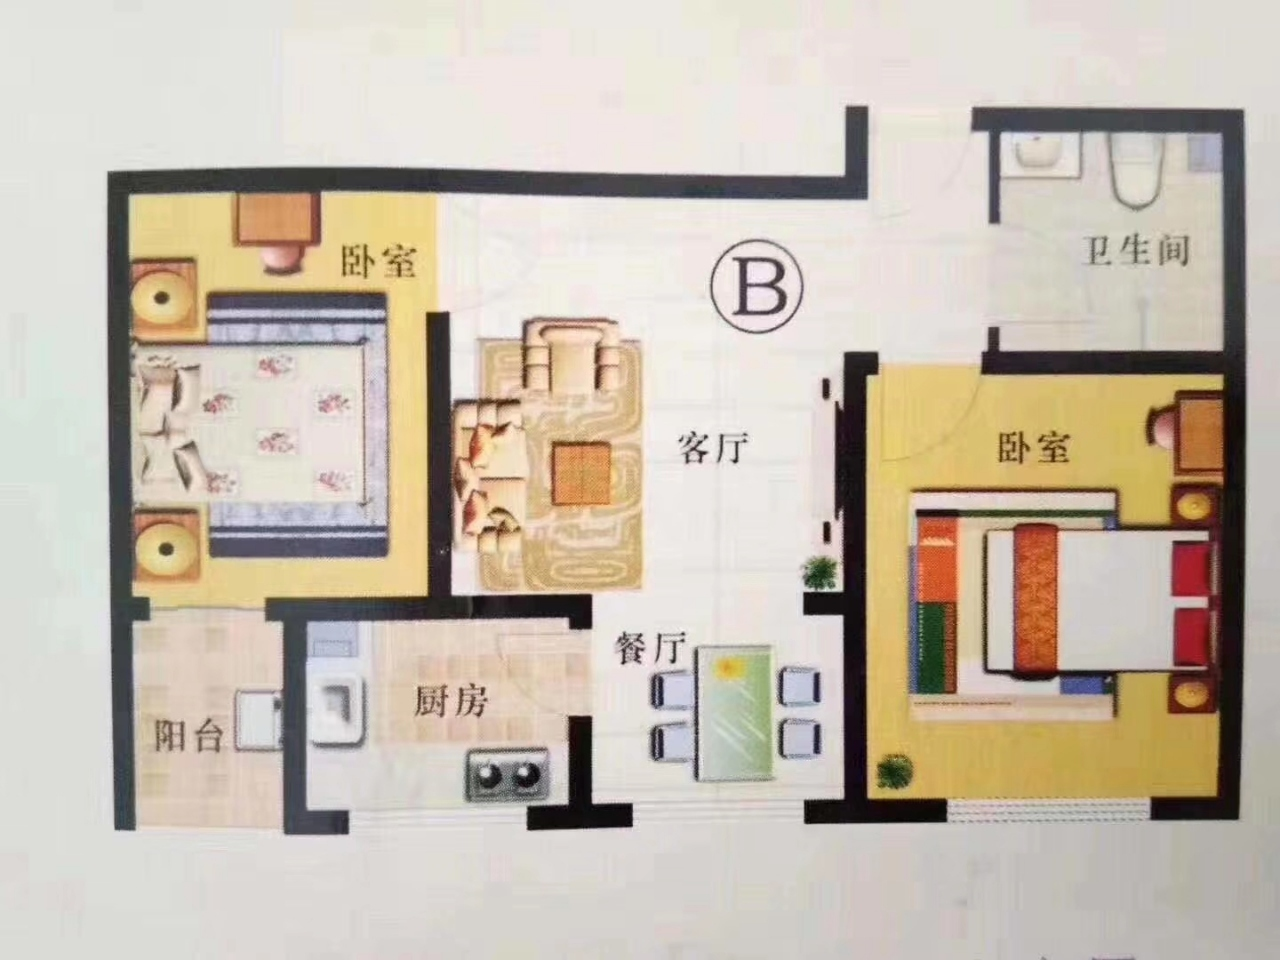 华宇新港湾2室 1厅 1卫59万元